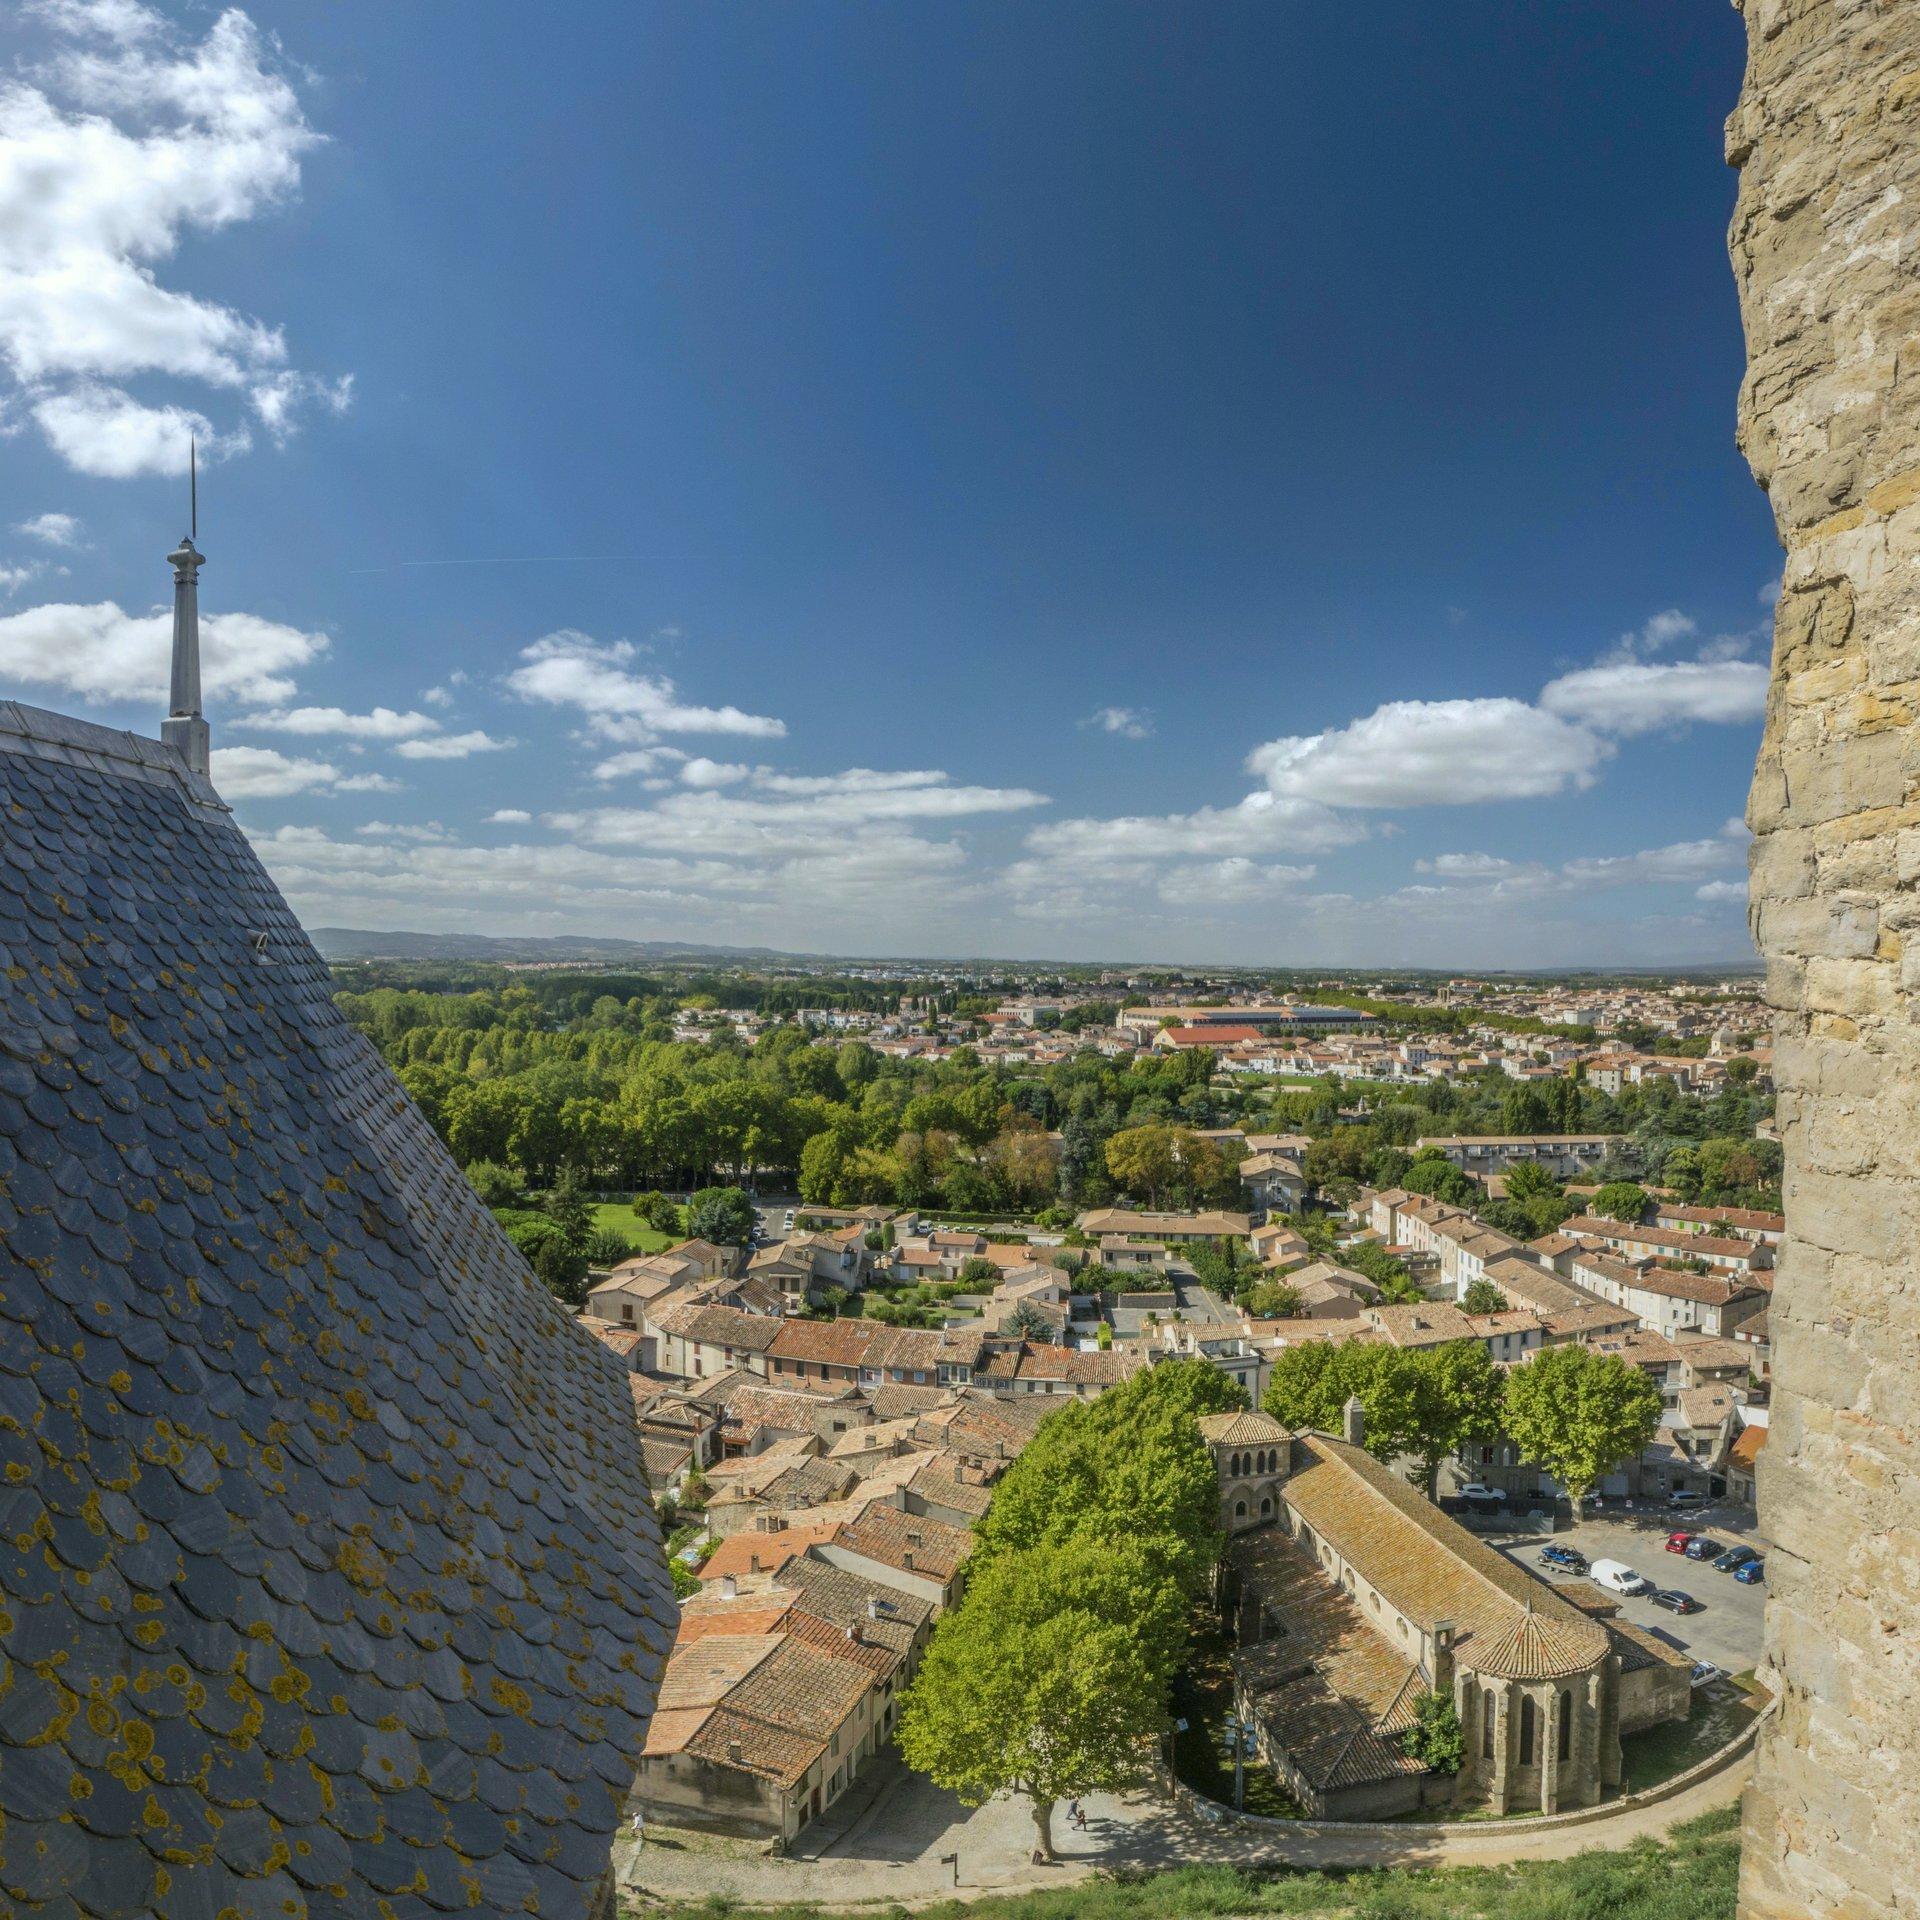 Blick nach Westen vom Château Comtal in der Cité Carcassonne